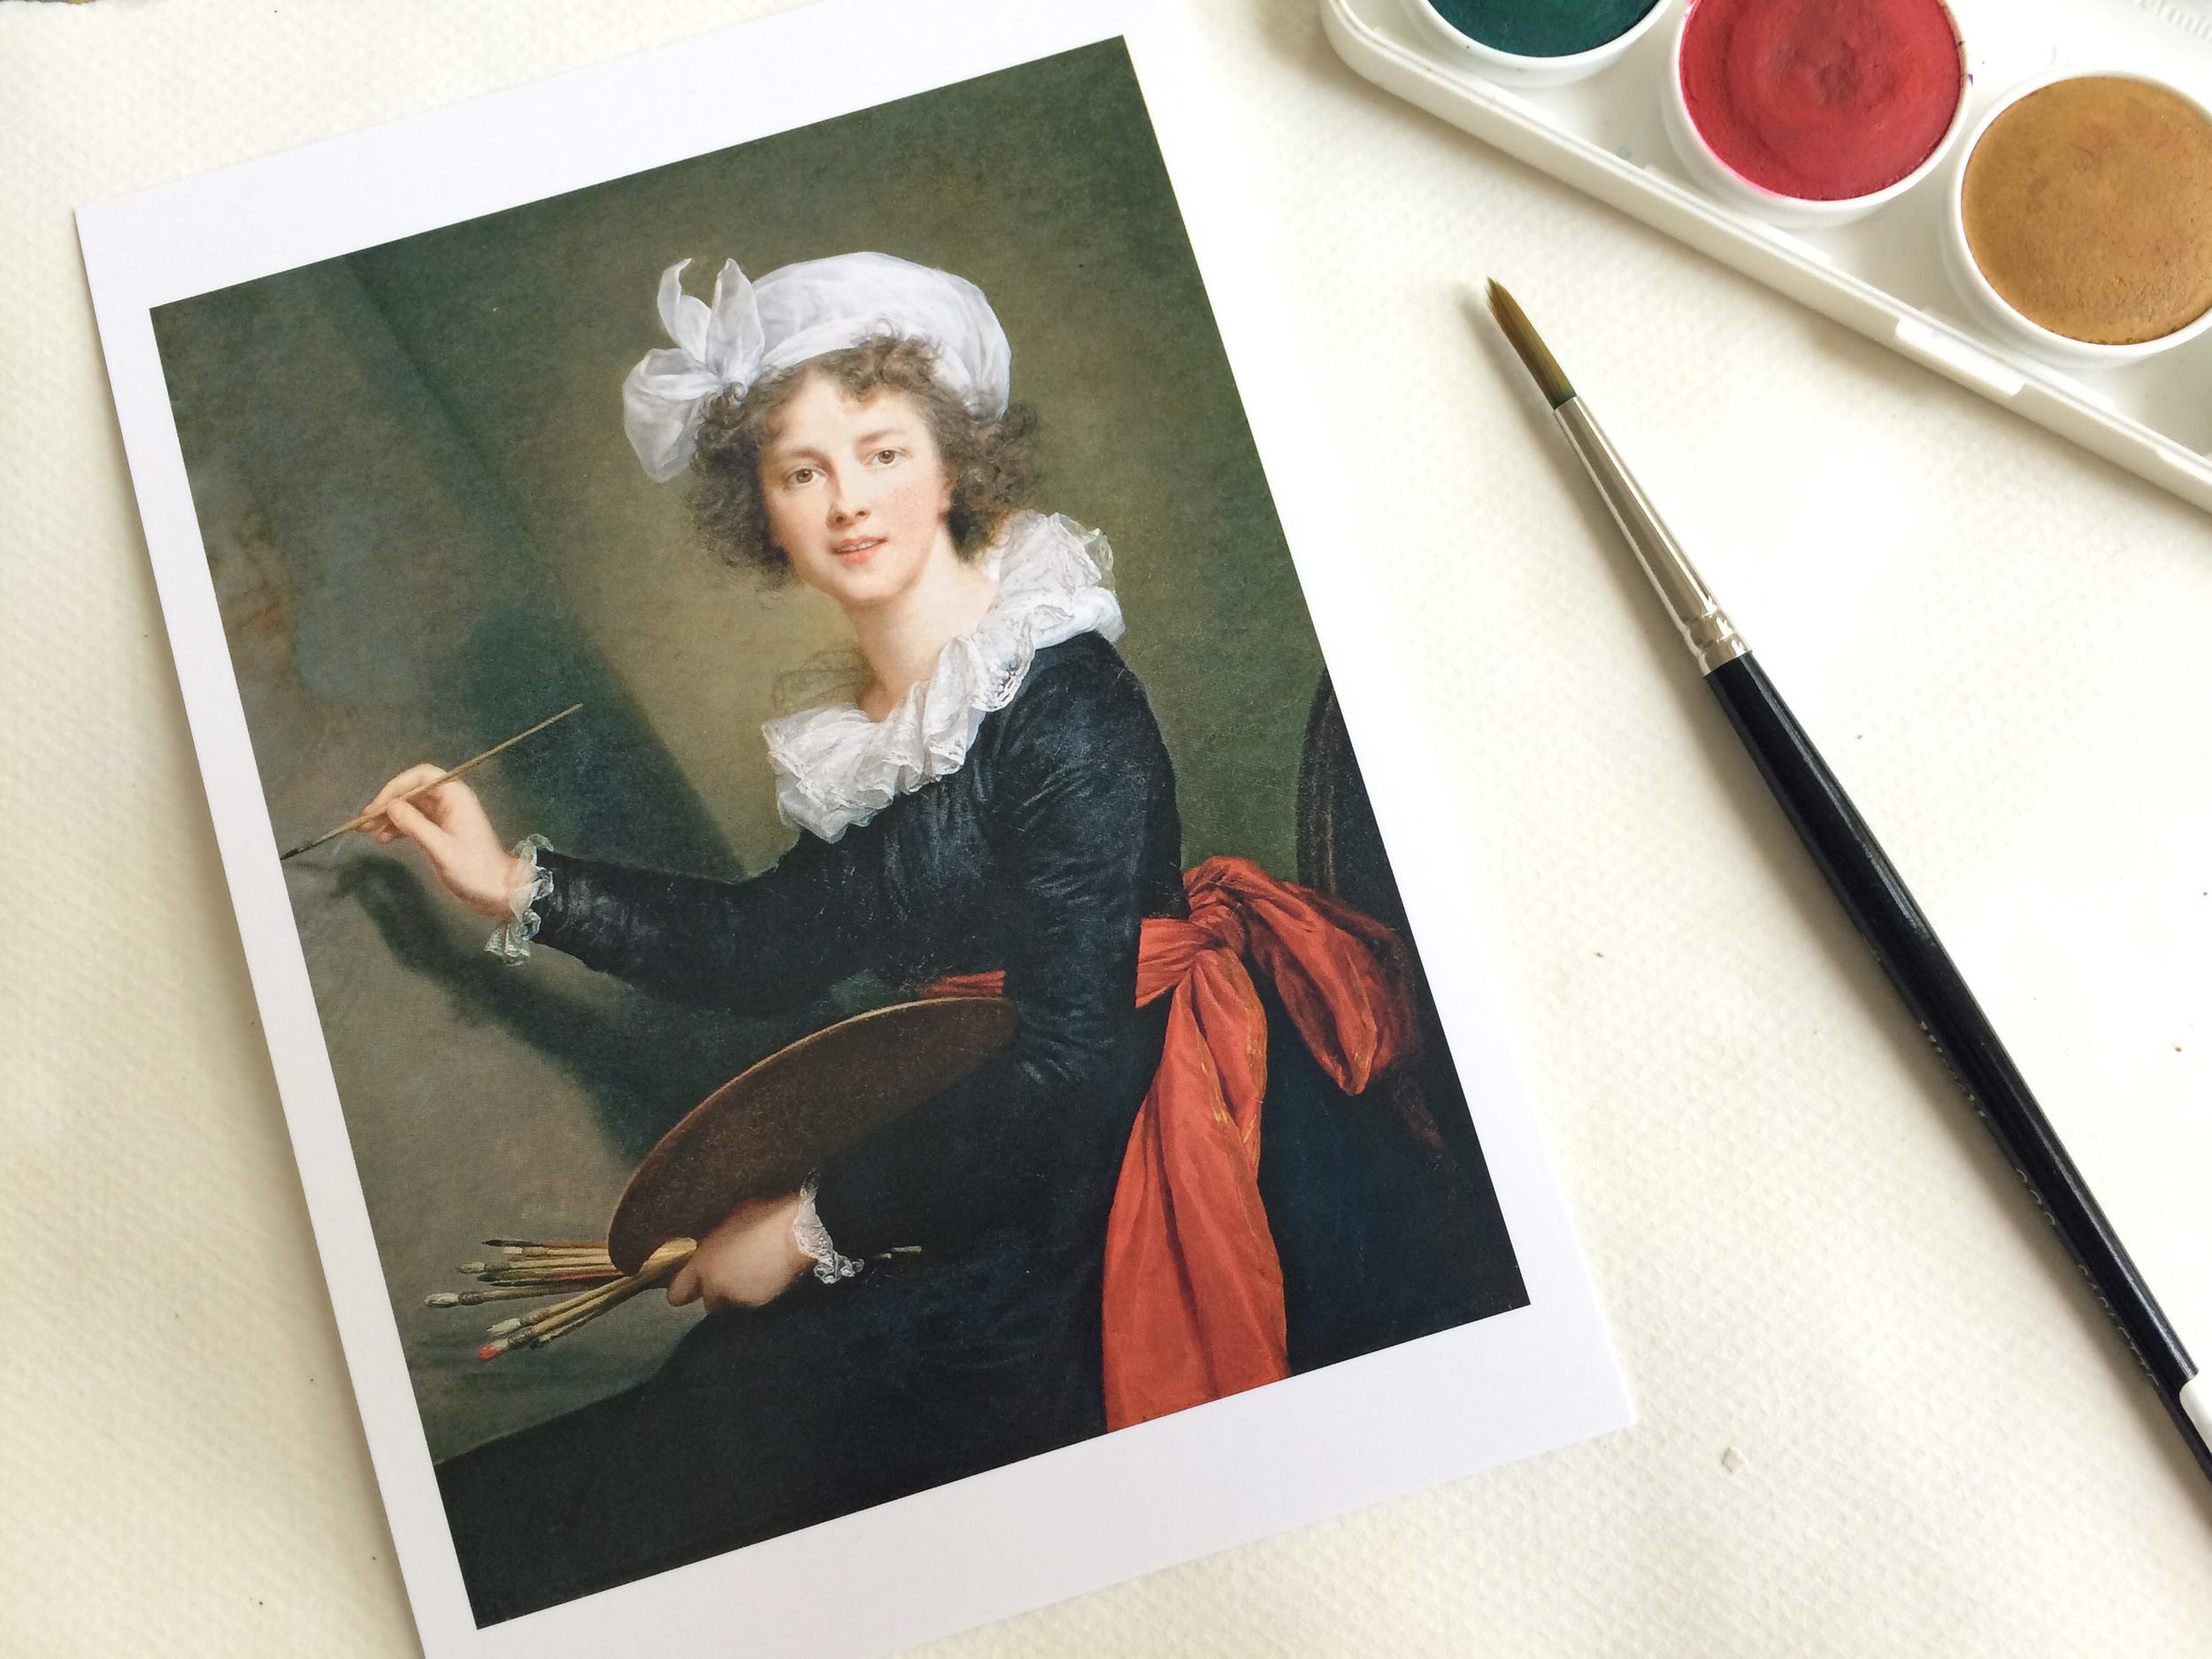 A postcard of Vigée Le Brun's self-portrait.